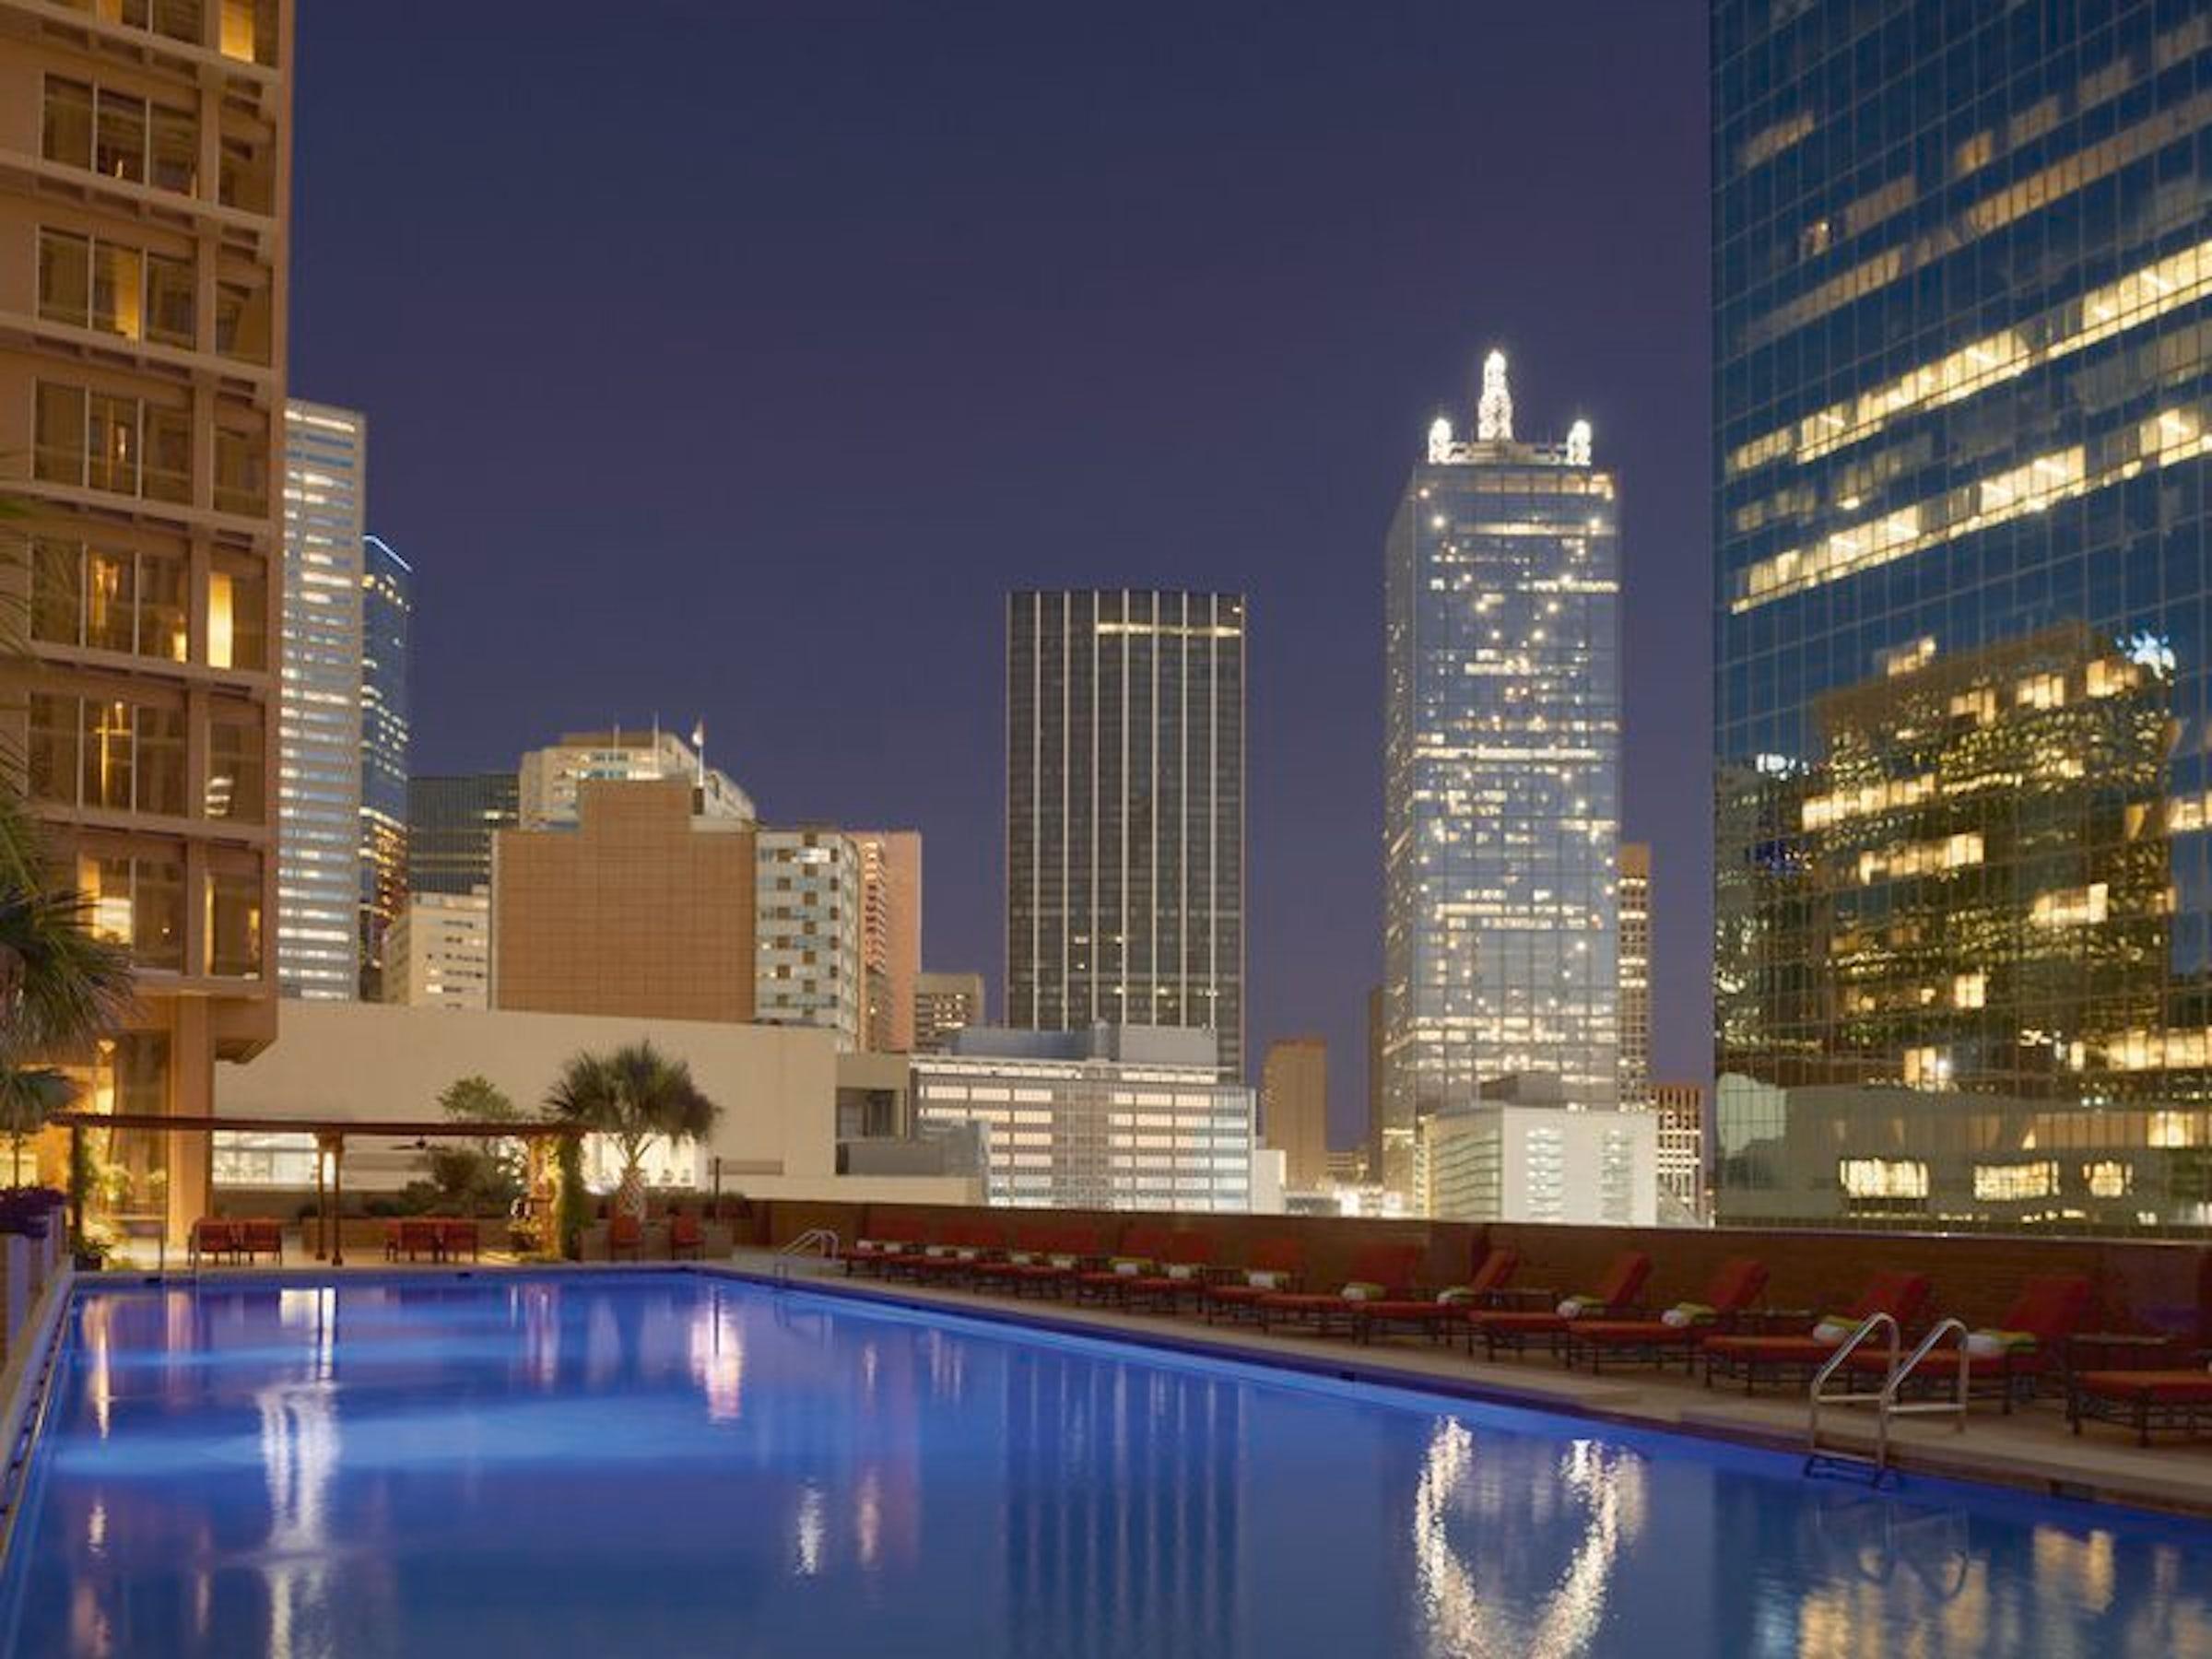 Fairmont Dallas in Beyond Dallas